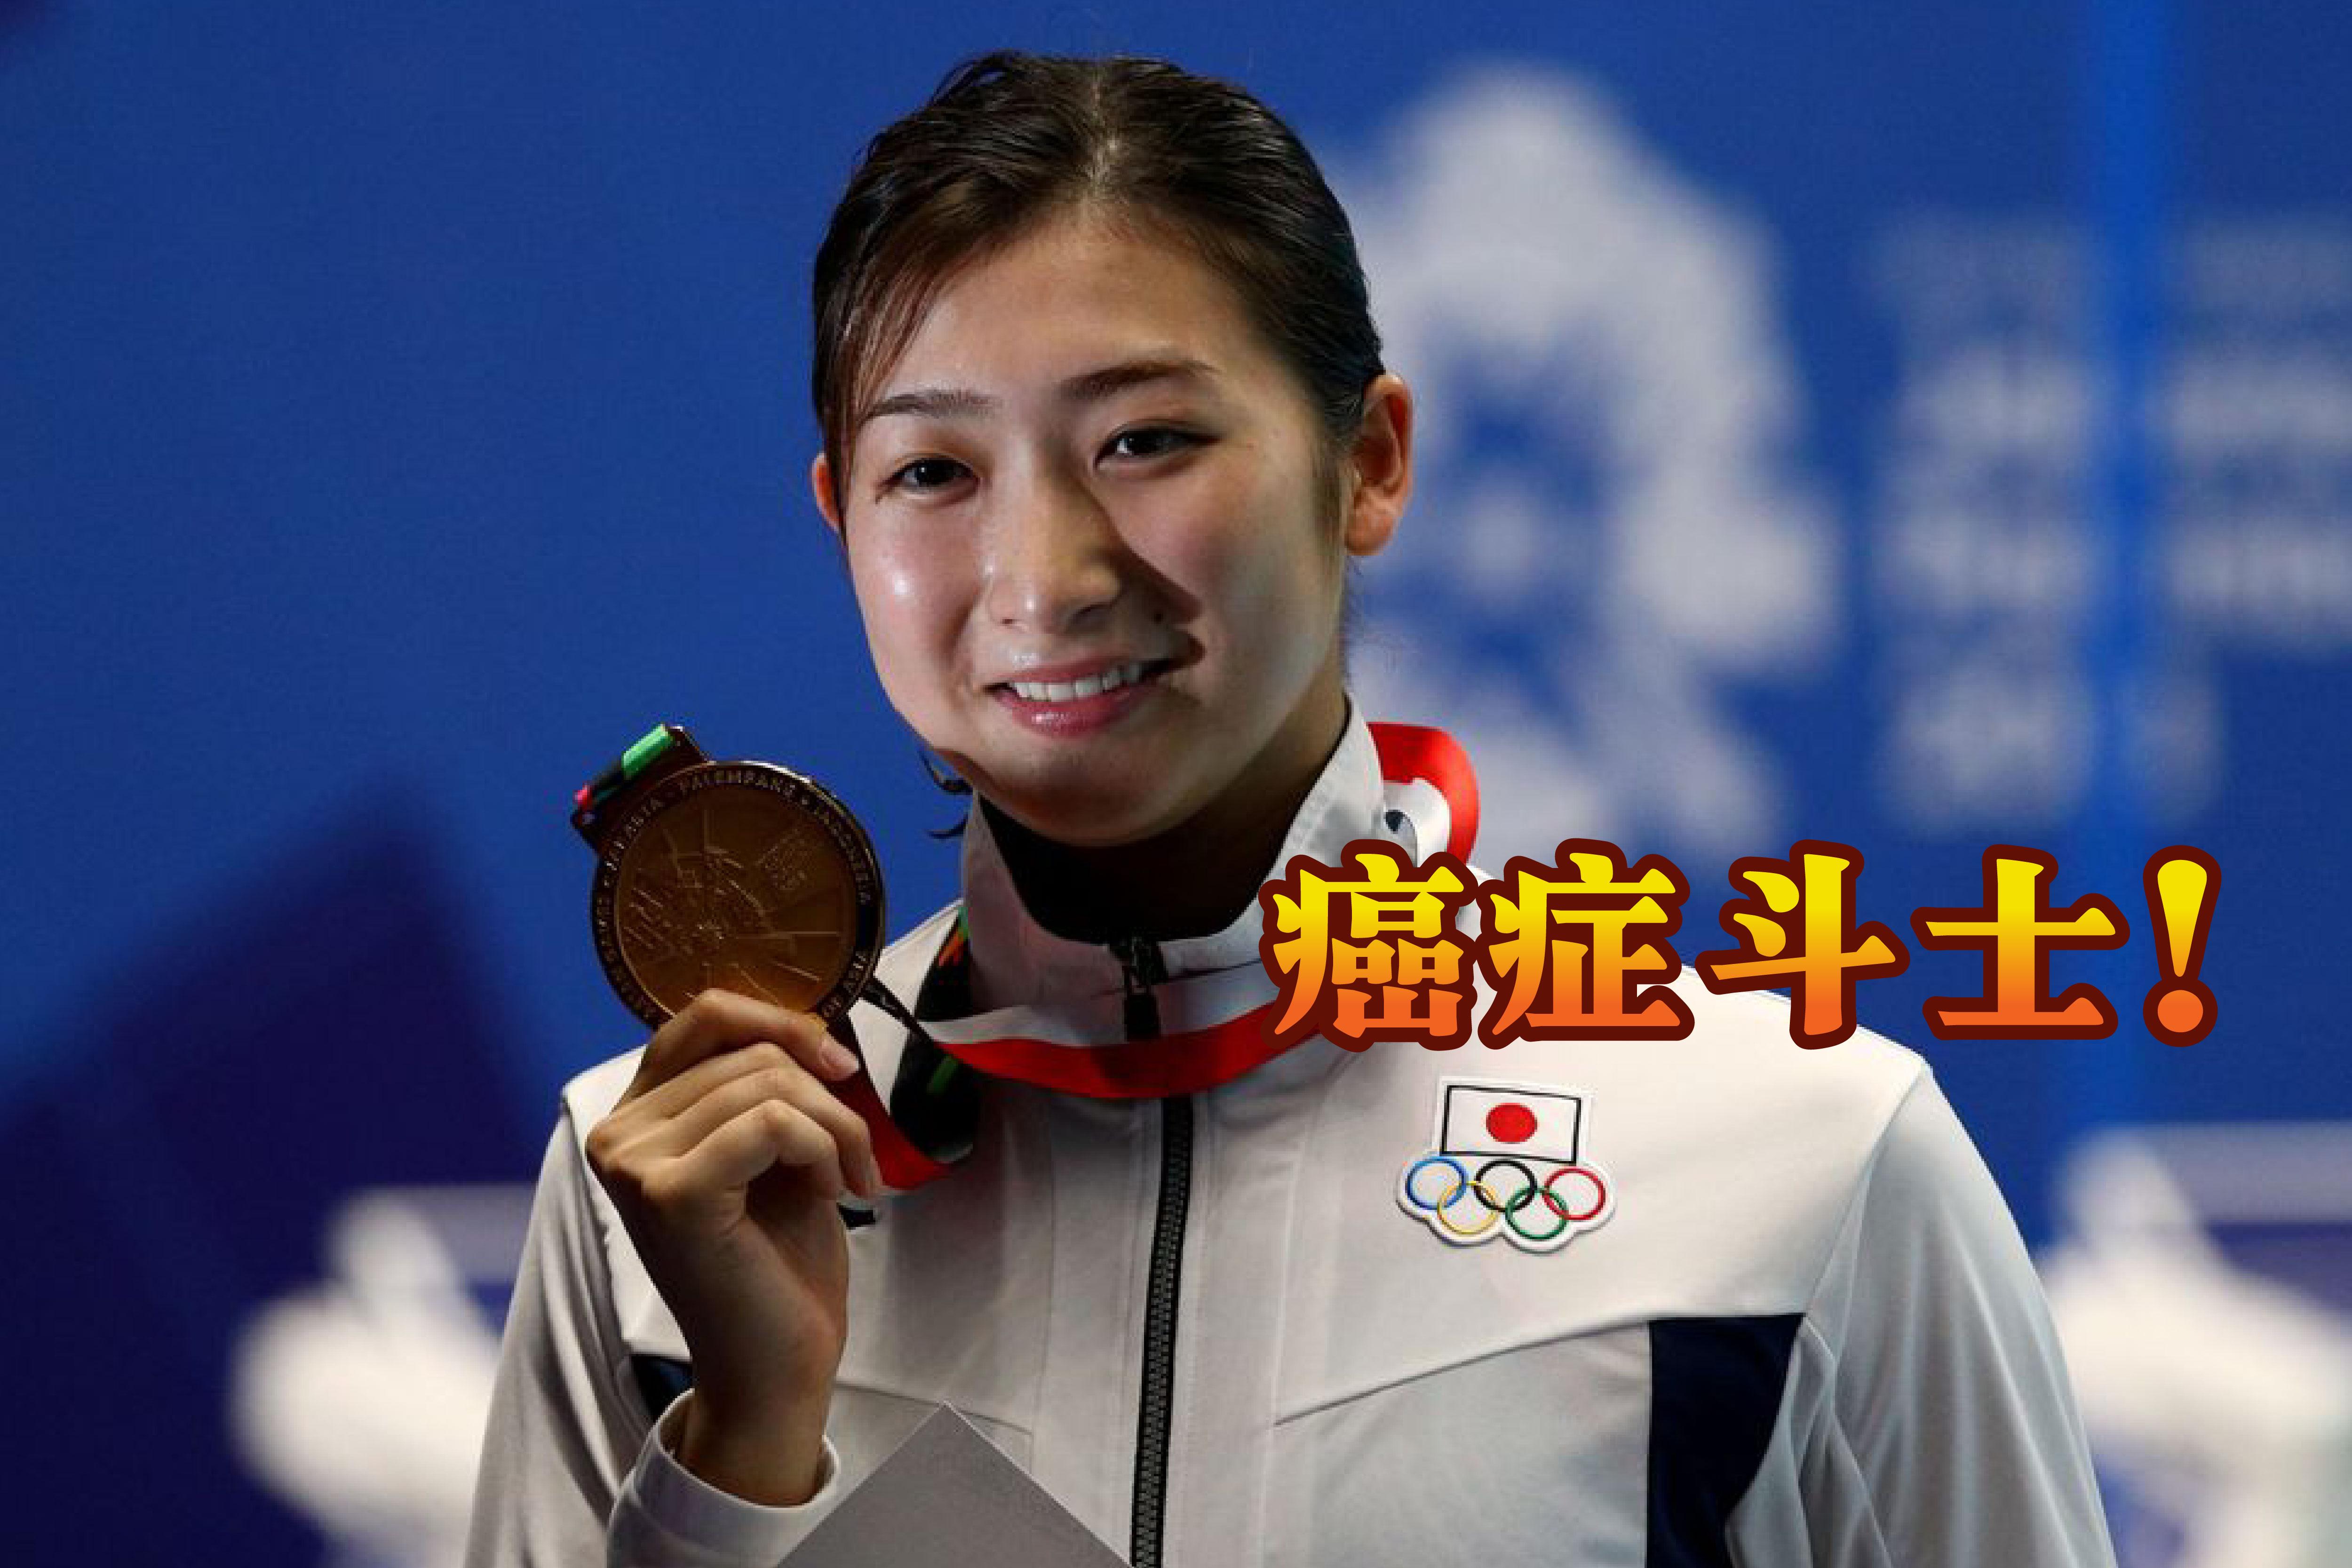 战胜血癌并复出参赛的池江璃花子,期待能拿下东京奥运会入场券。-路透社/精彩大马制图-